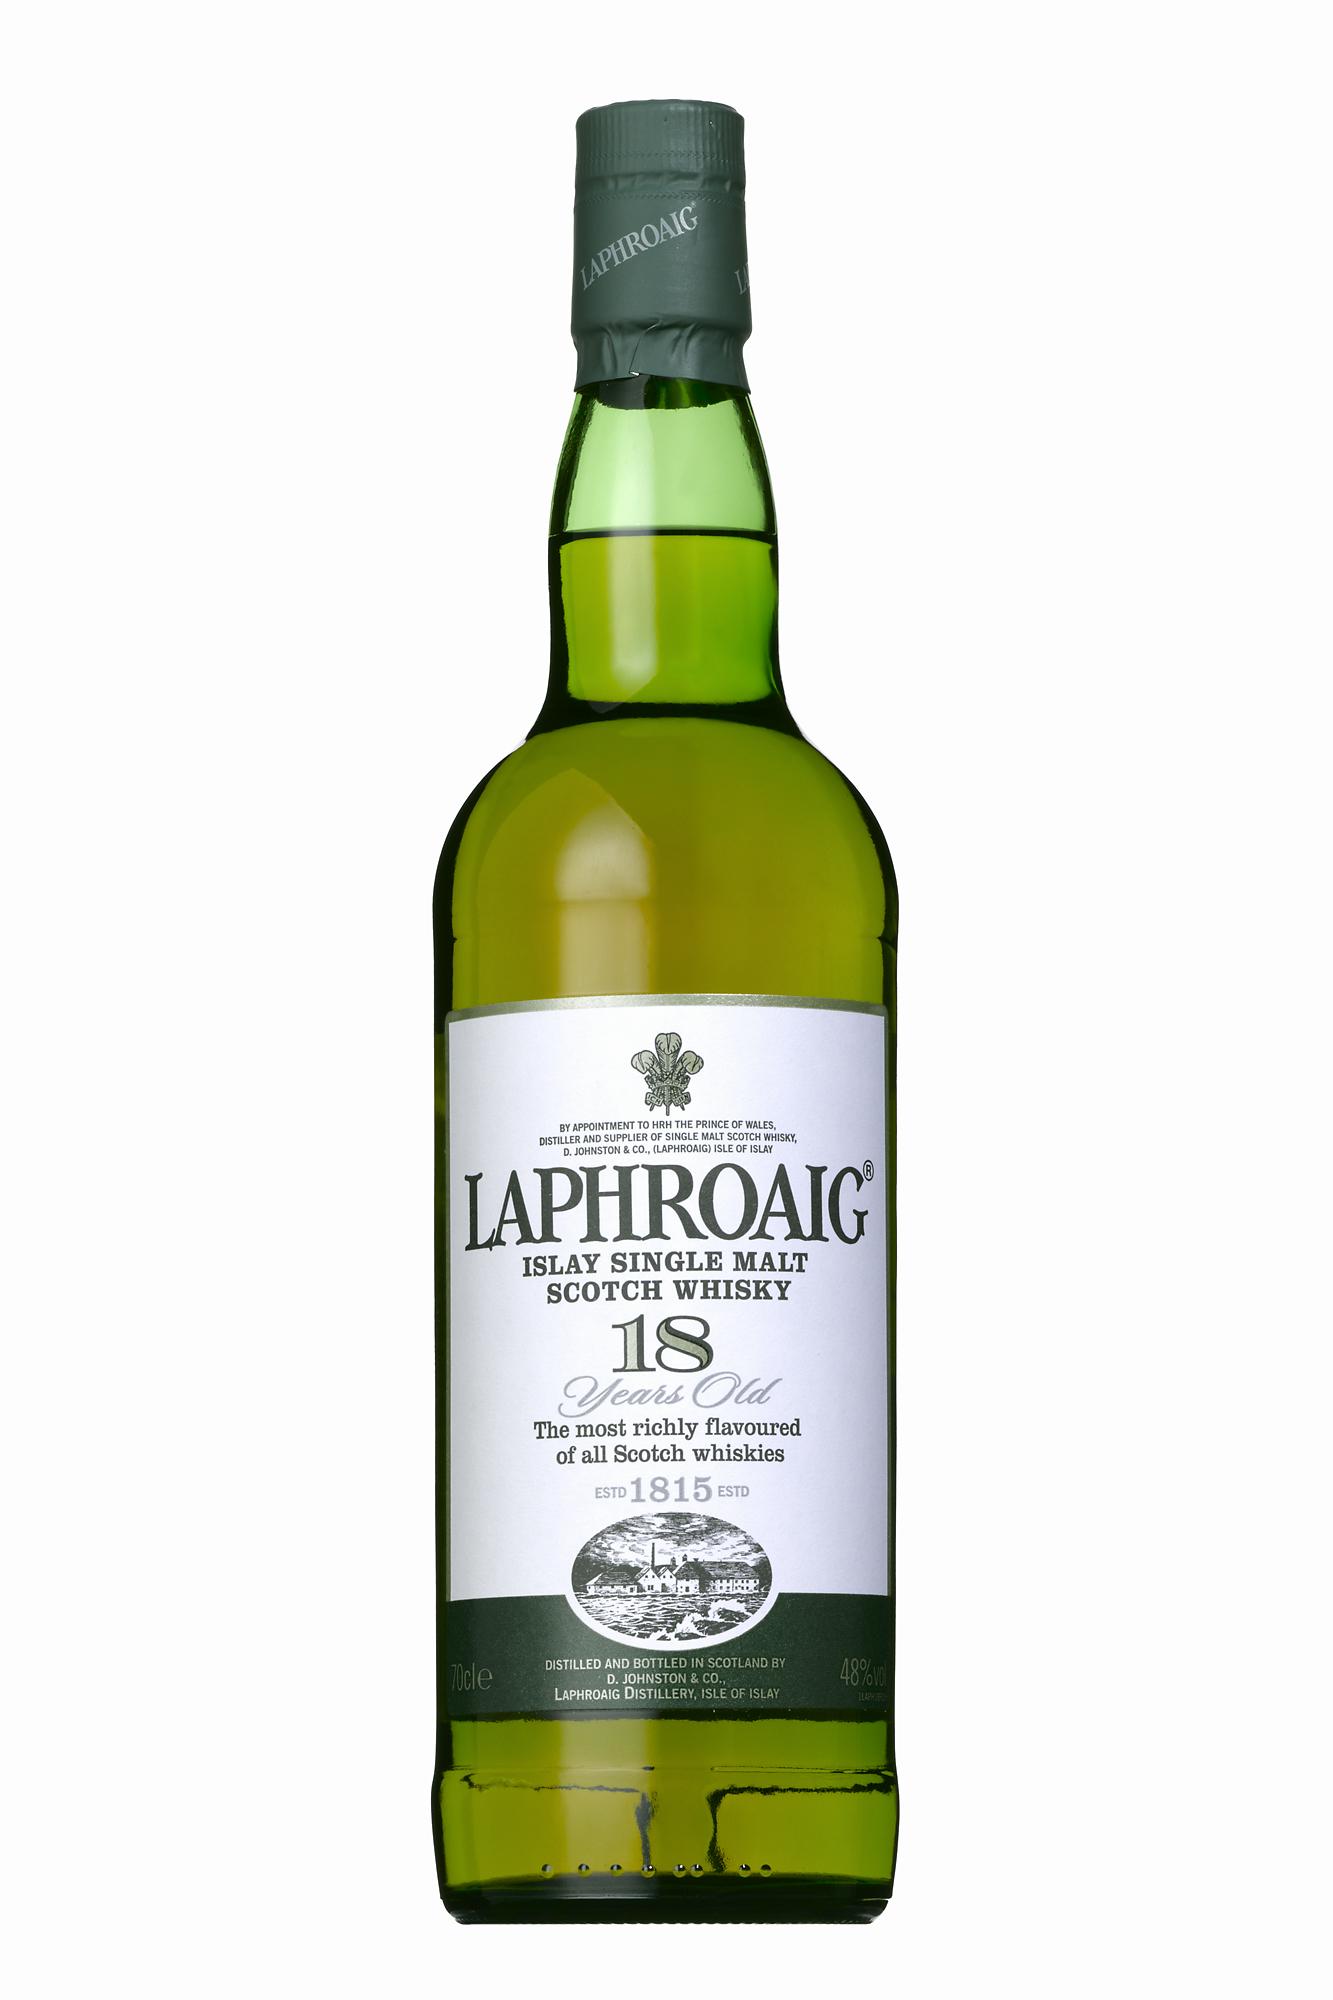 ラフロイグ(Laphroaig)